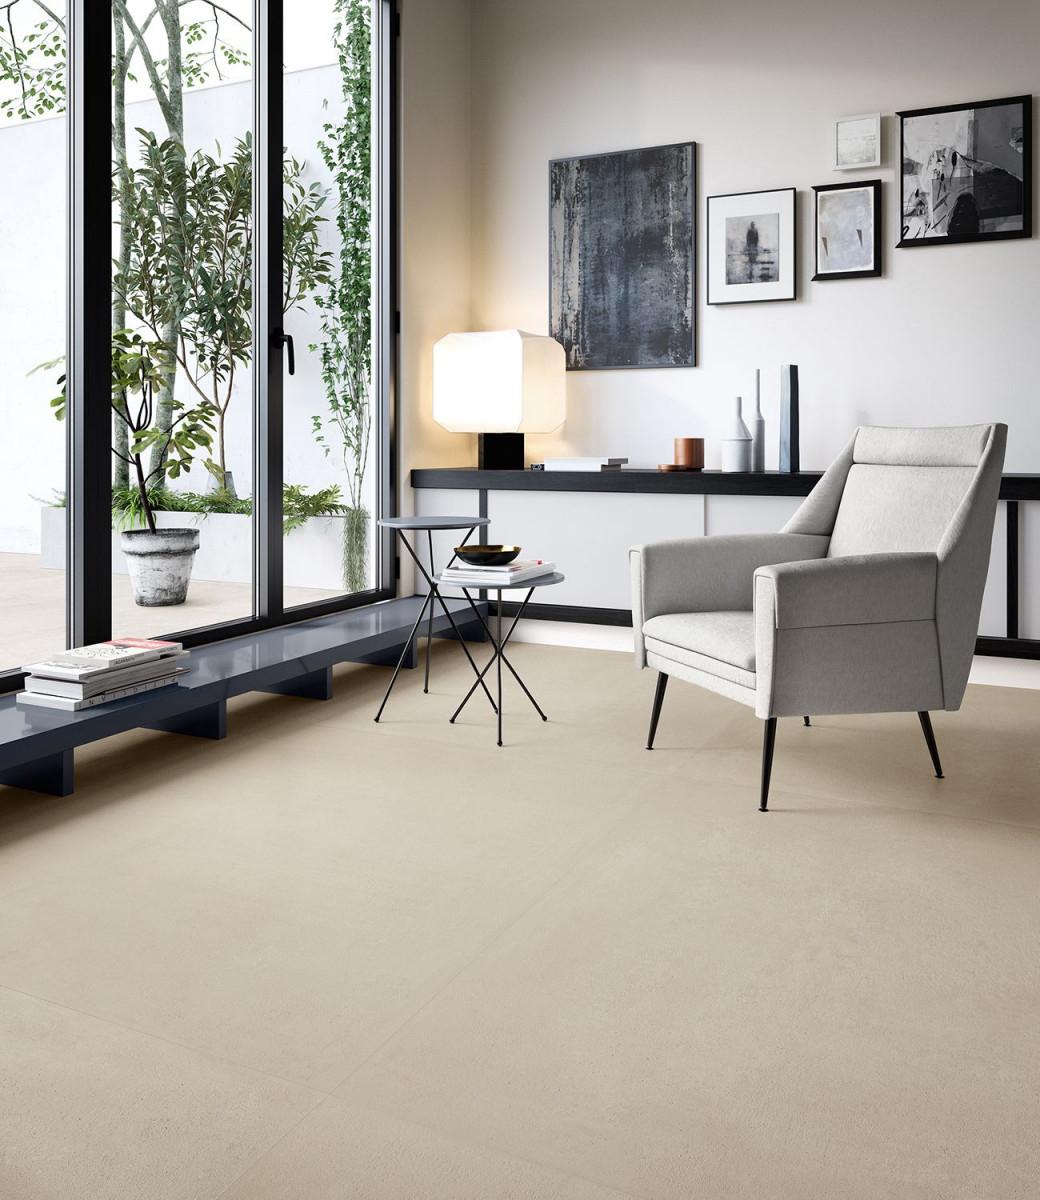 """Fliese Betonoptik Großformat Beige """"ritual Sand"""" Sant von Bilder Großformat Wohnzimmer Photo"""